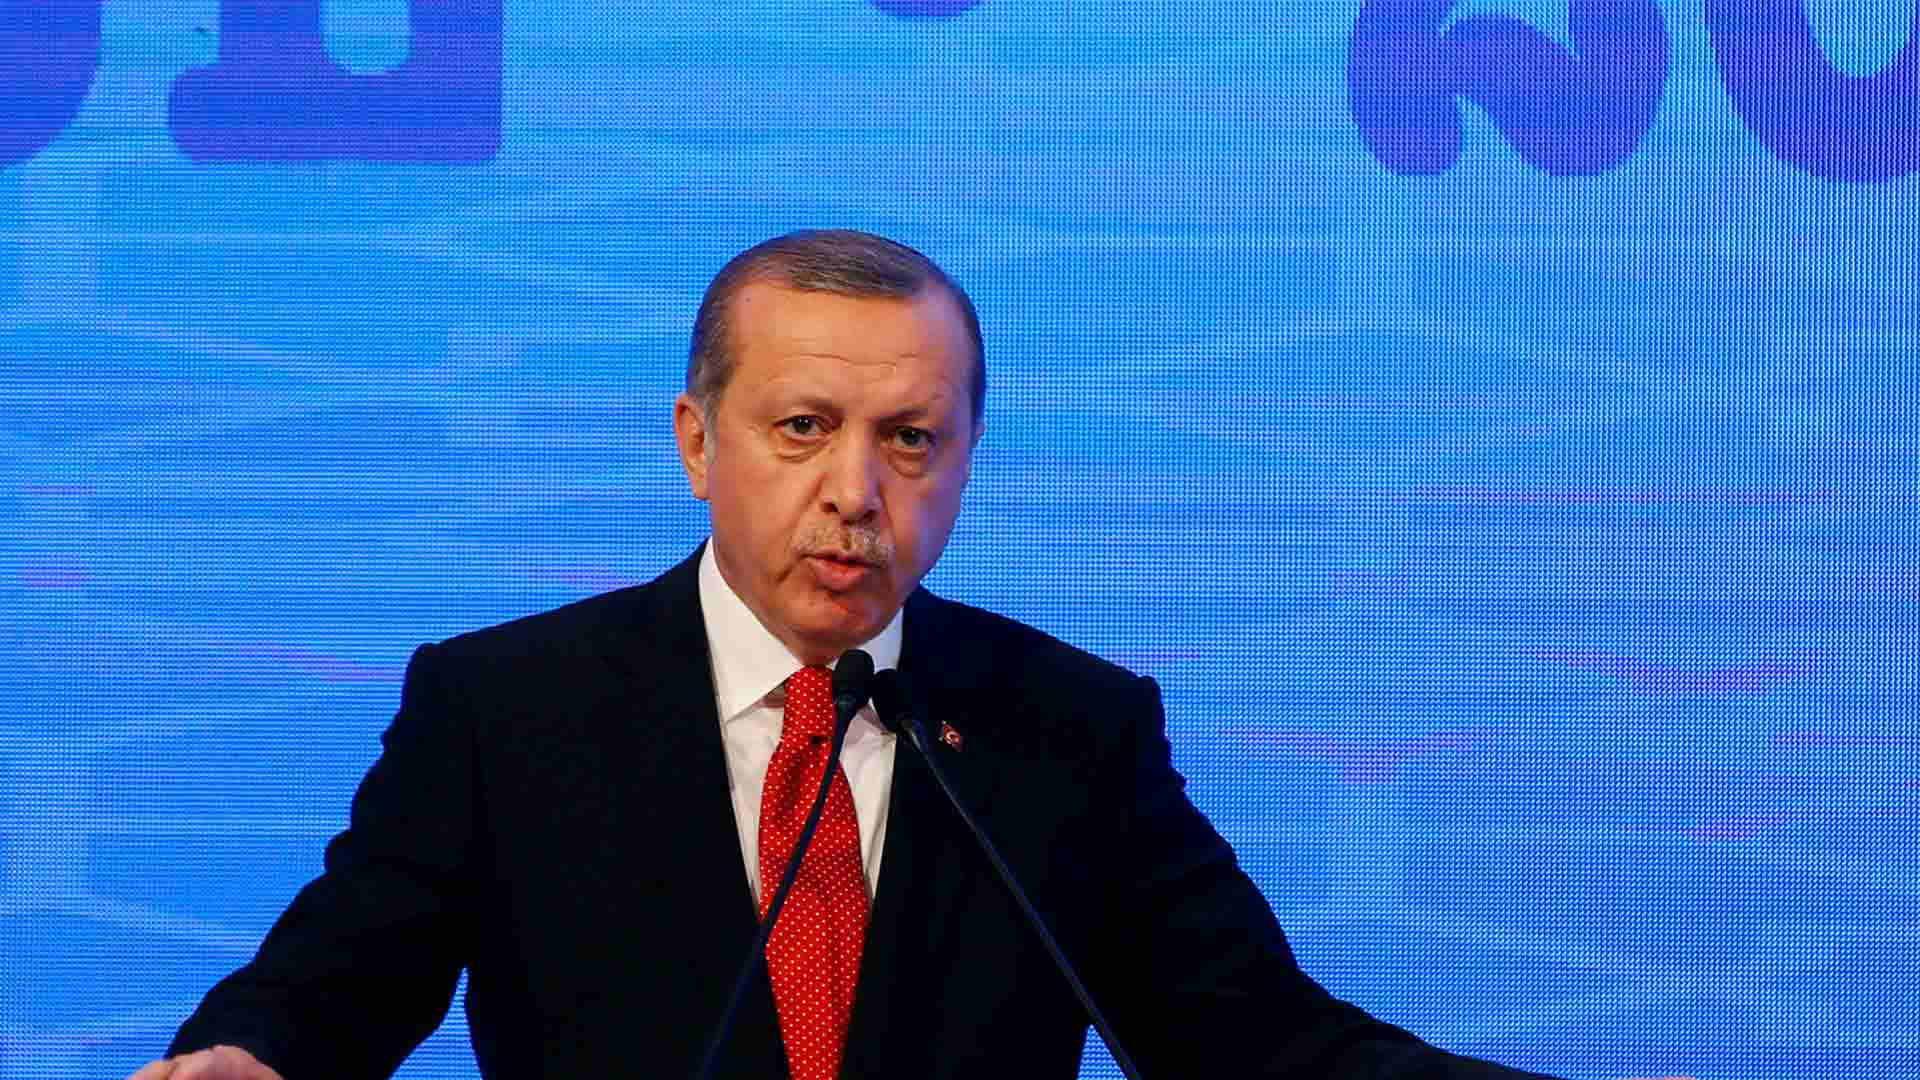 El presidente Erdogan expresó que tanto Estados Unidos como Europa deben respetar el resultado de las elecciones